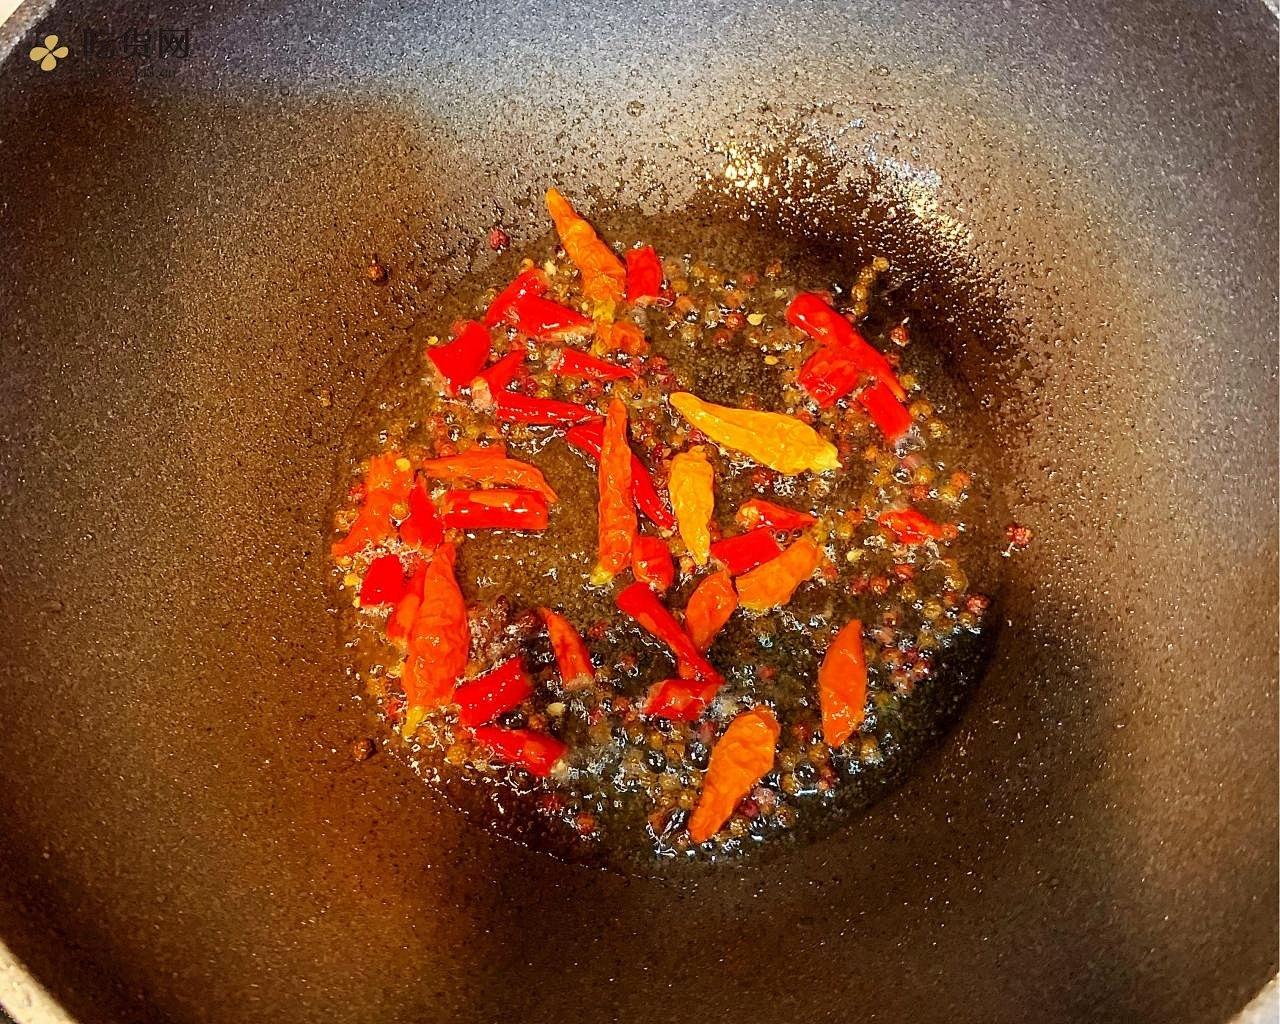 高尼私房菜之麻辣小龙虾的做法 步骤2